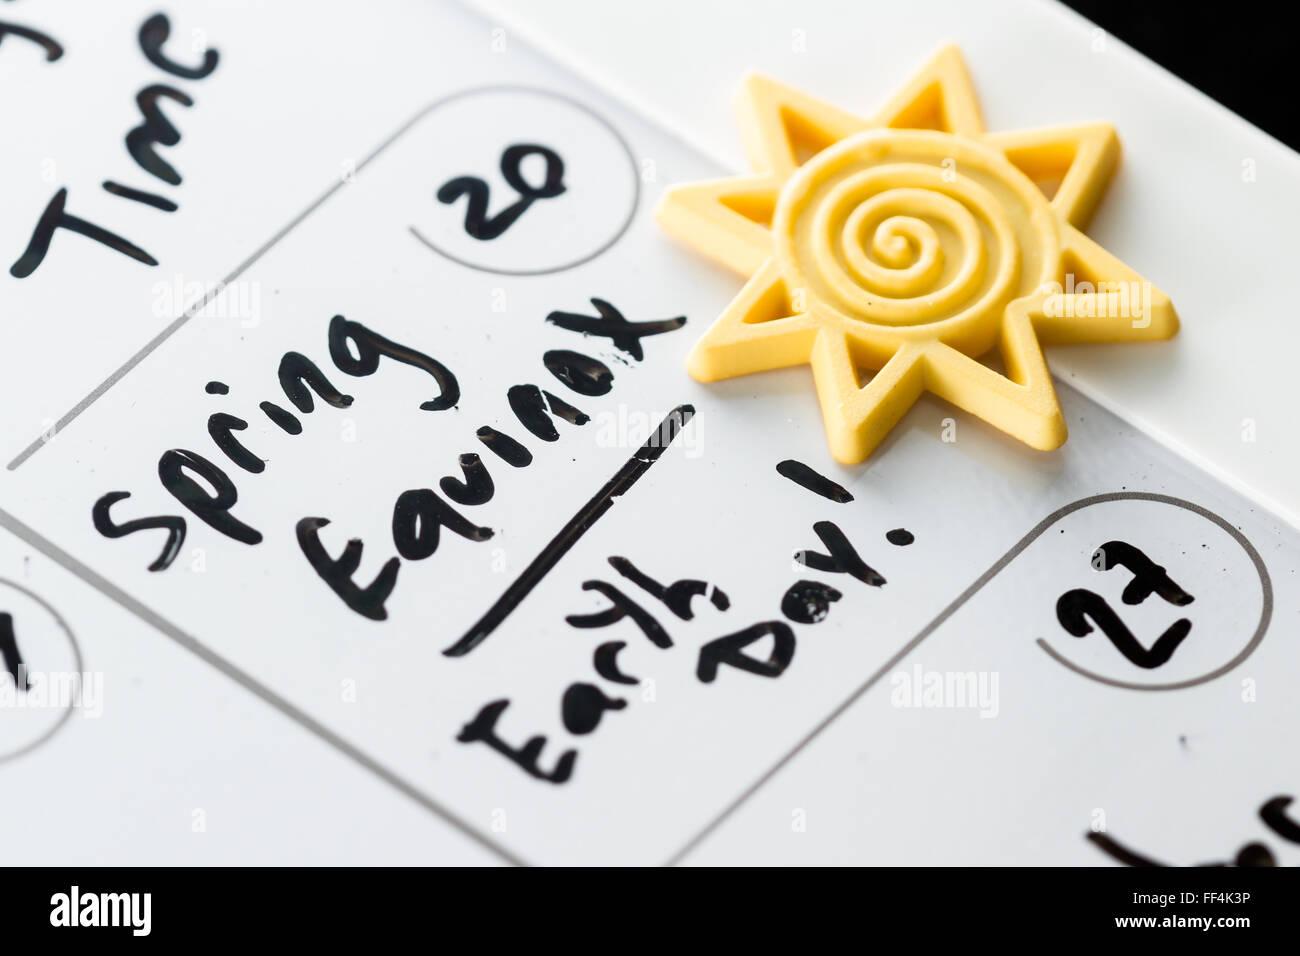 20. März markiert in einem Kalender als Frühlings-Tagundnachtgleiche und auch Earth Day Konzept für Stockbild